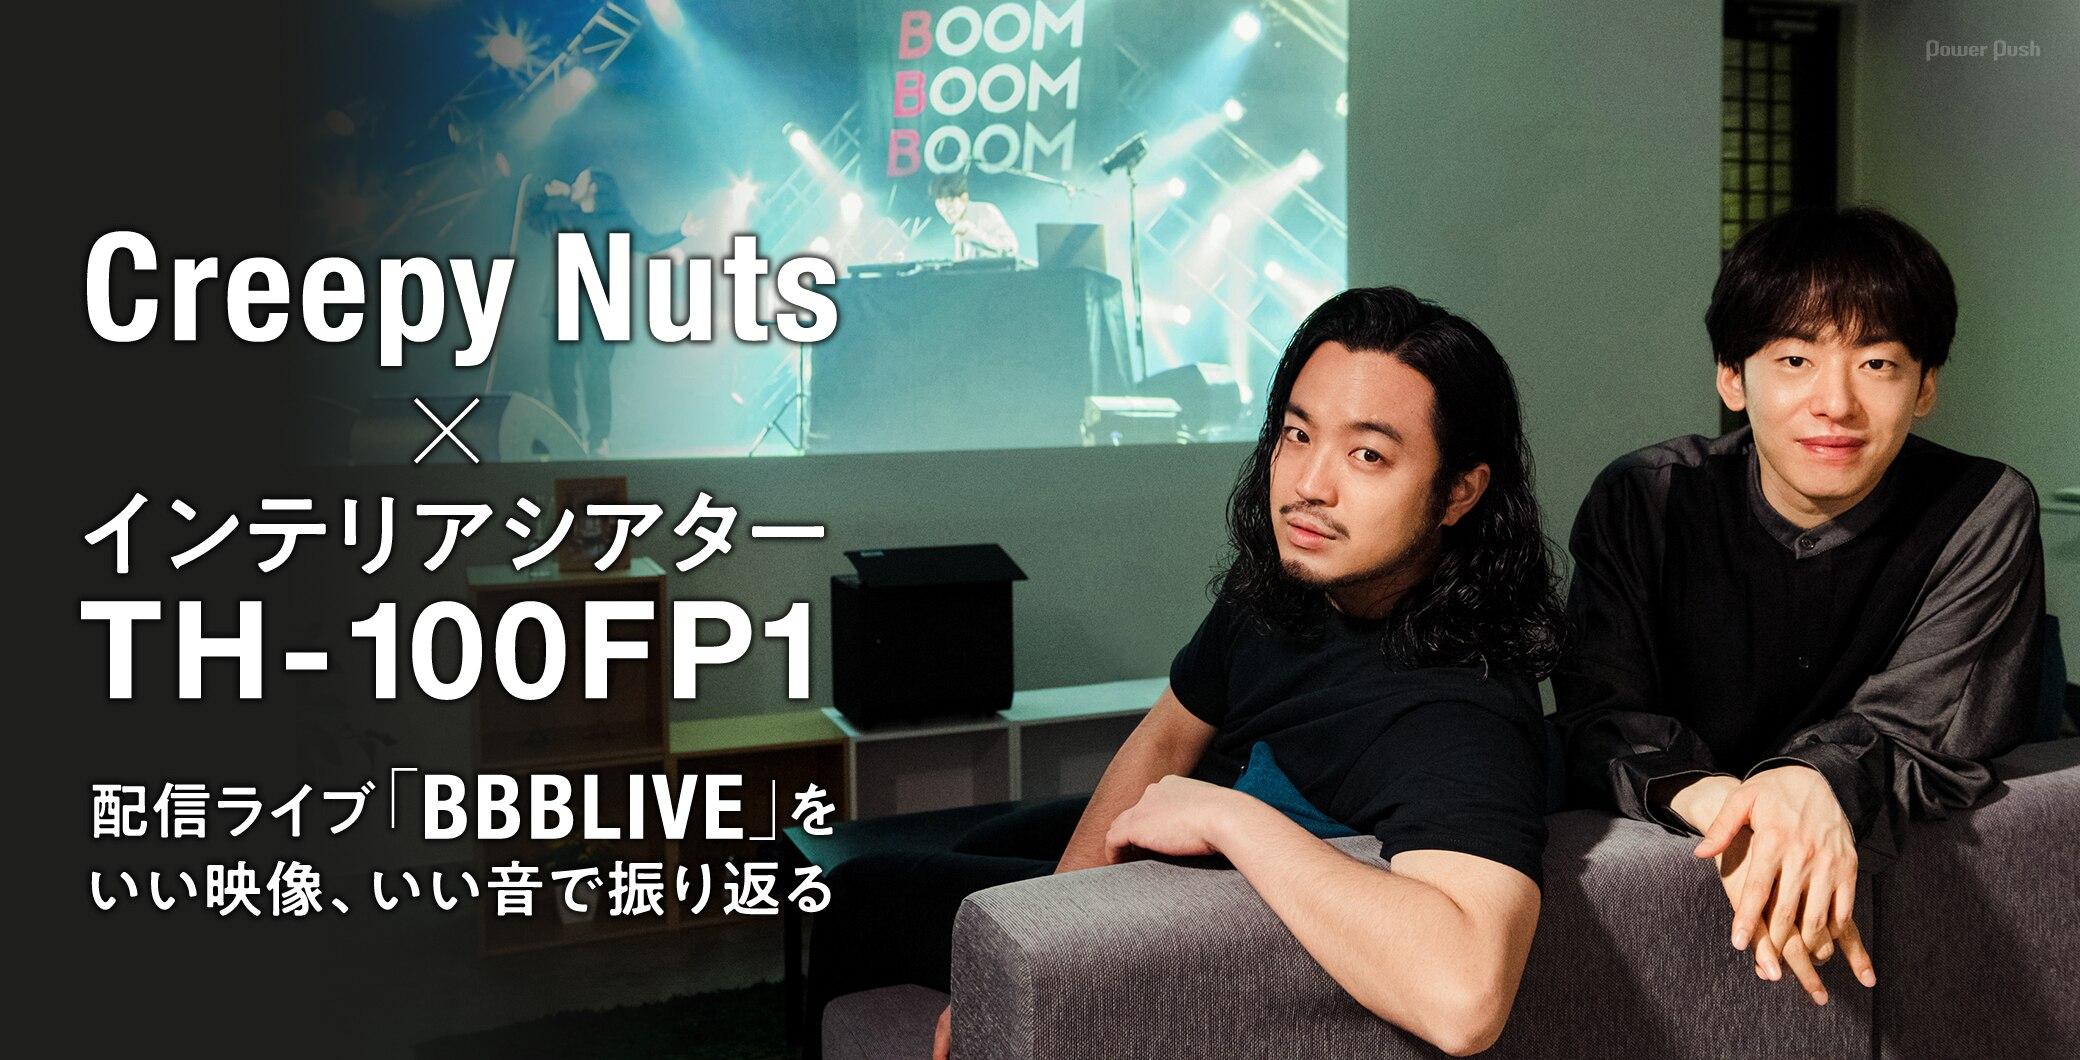 デジナタ連載 Creepy Nuts×インテリアシアター「TH-100FP1」 配信ライブ「BBBLIVE」をいい映像、いい音で振り返る